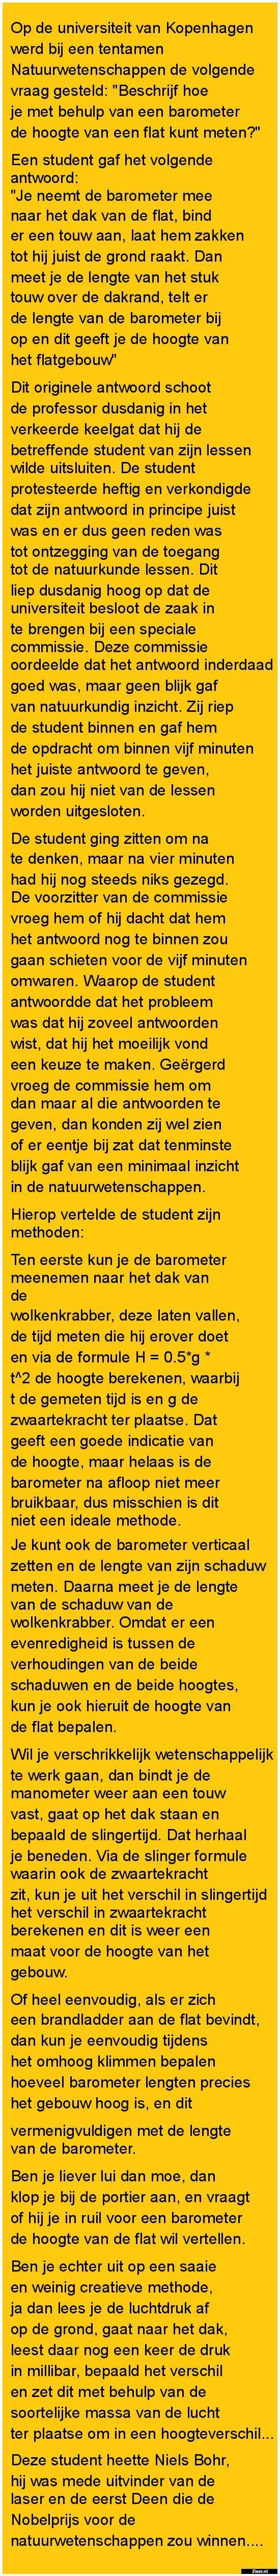 Op de universiteit... - Zieer.nl